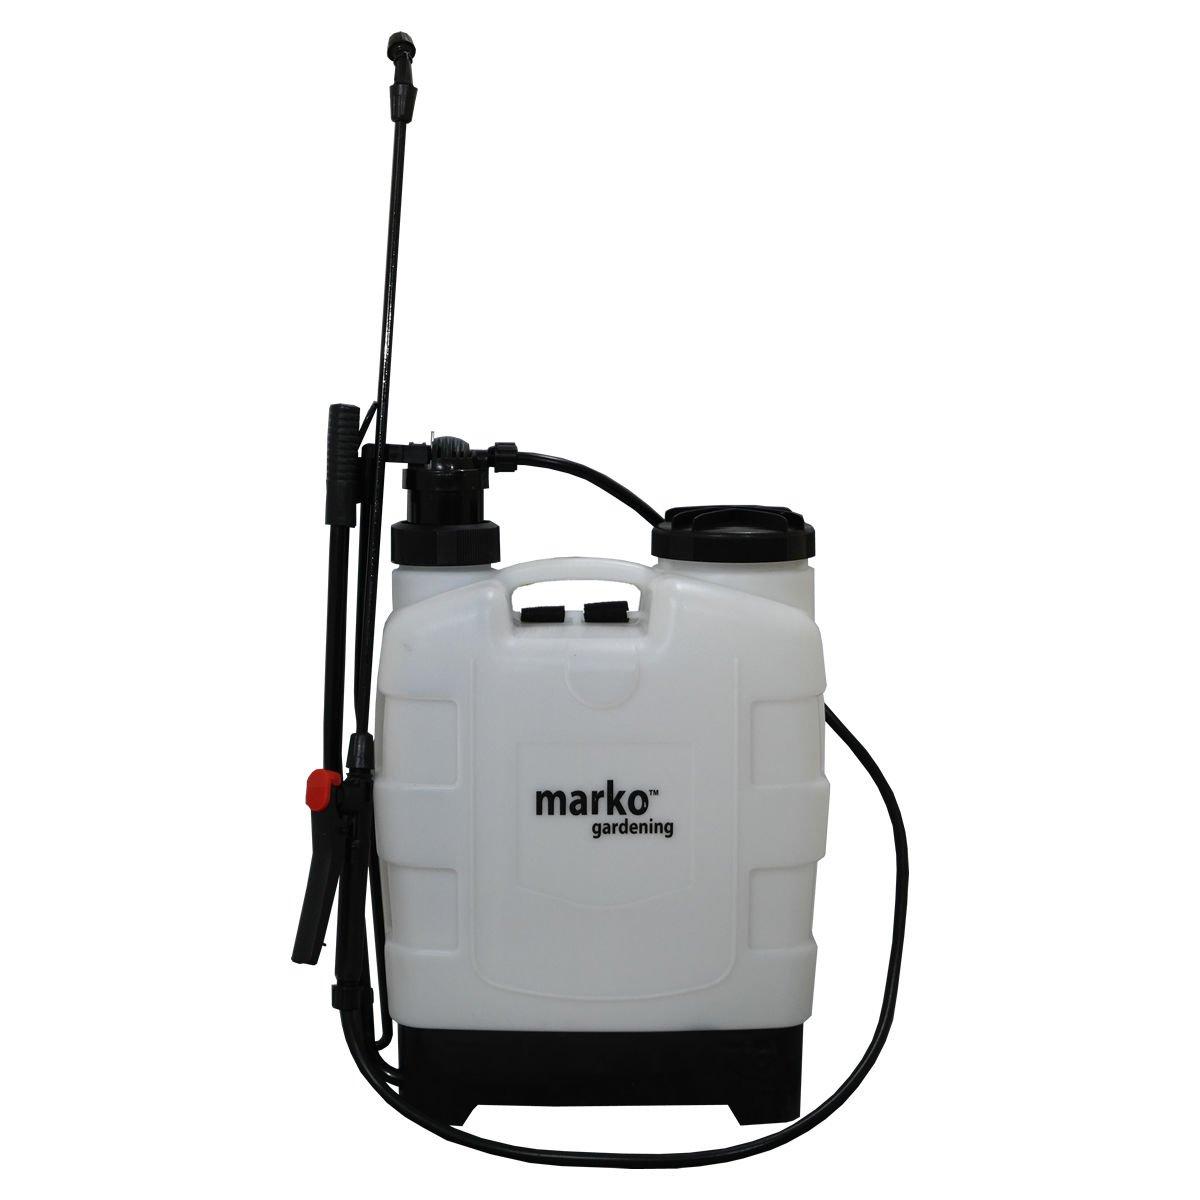 20L Litre Backpack Knapsack Pressure Sprayer Crop Garden Weed Killer Chemicals